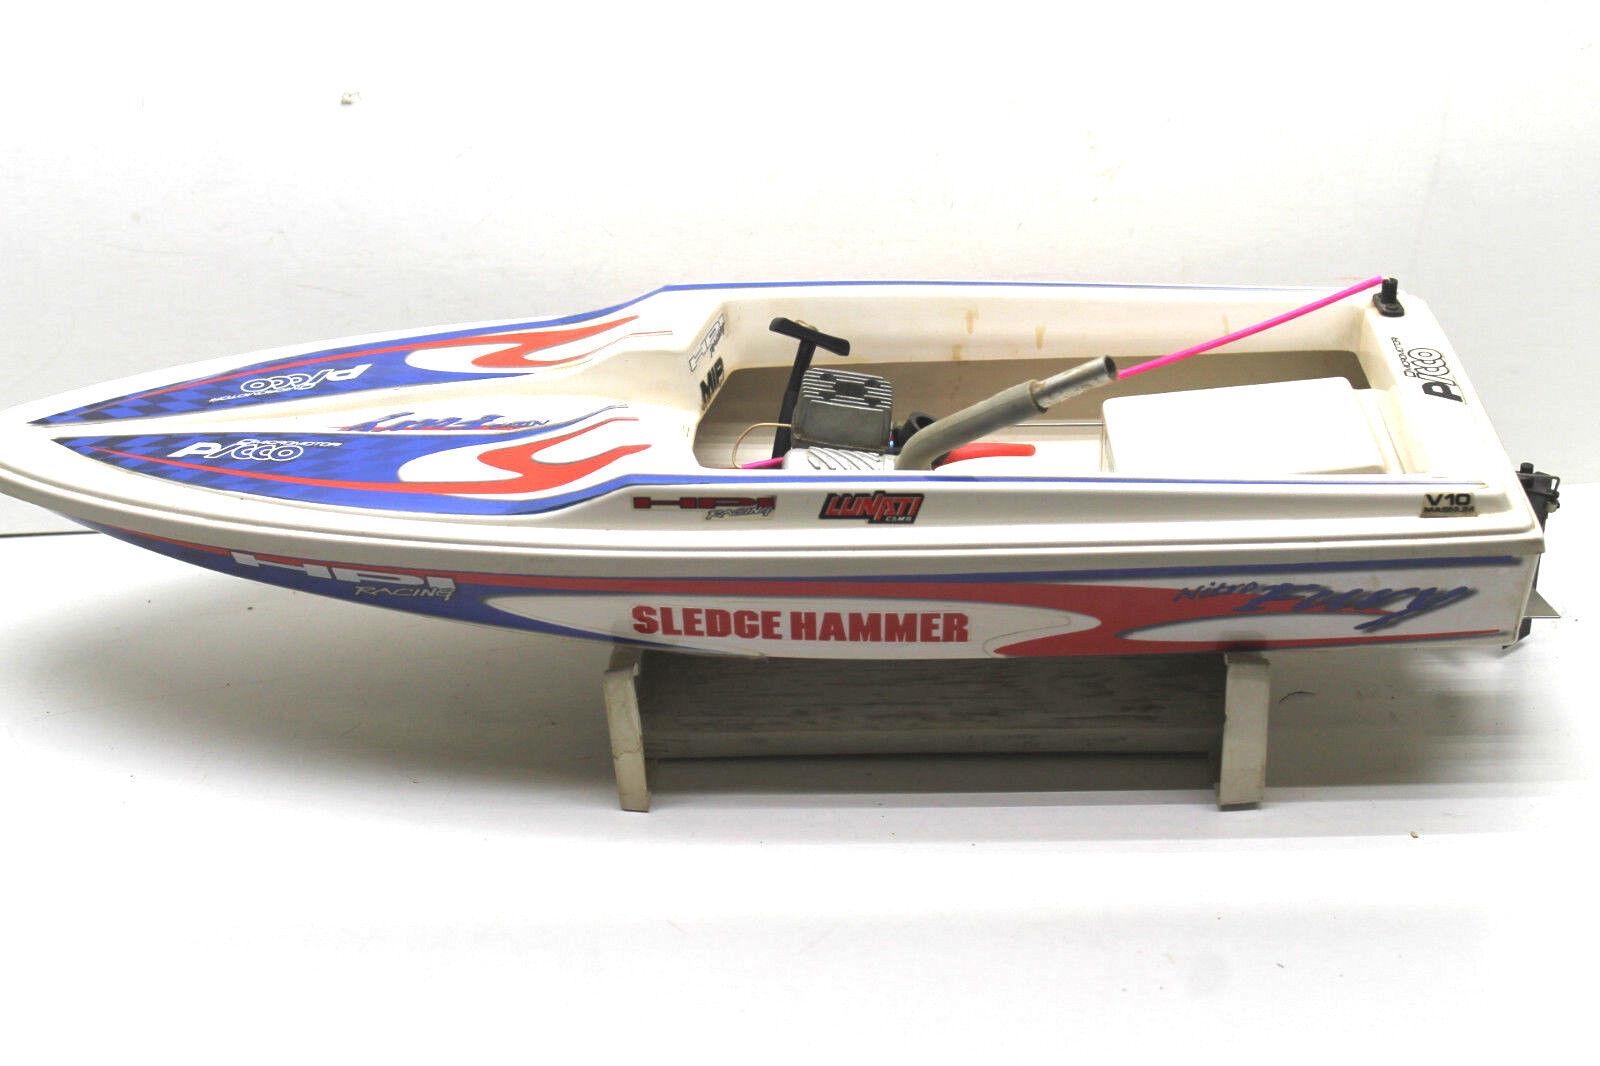 Con 100% de calidad y servicio de% 100. Vintage 26 Nitro furia Sledge Hammer Star 15 15 15 HPI Racing Compresión parece Sin Uso  servicio honesto